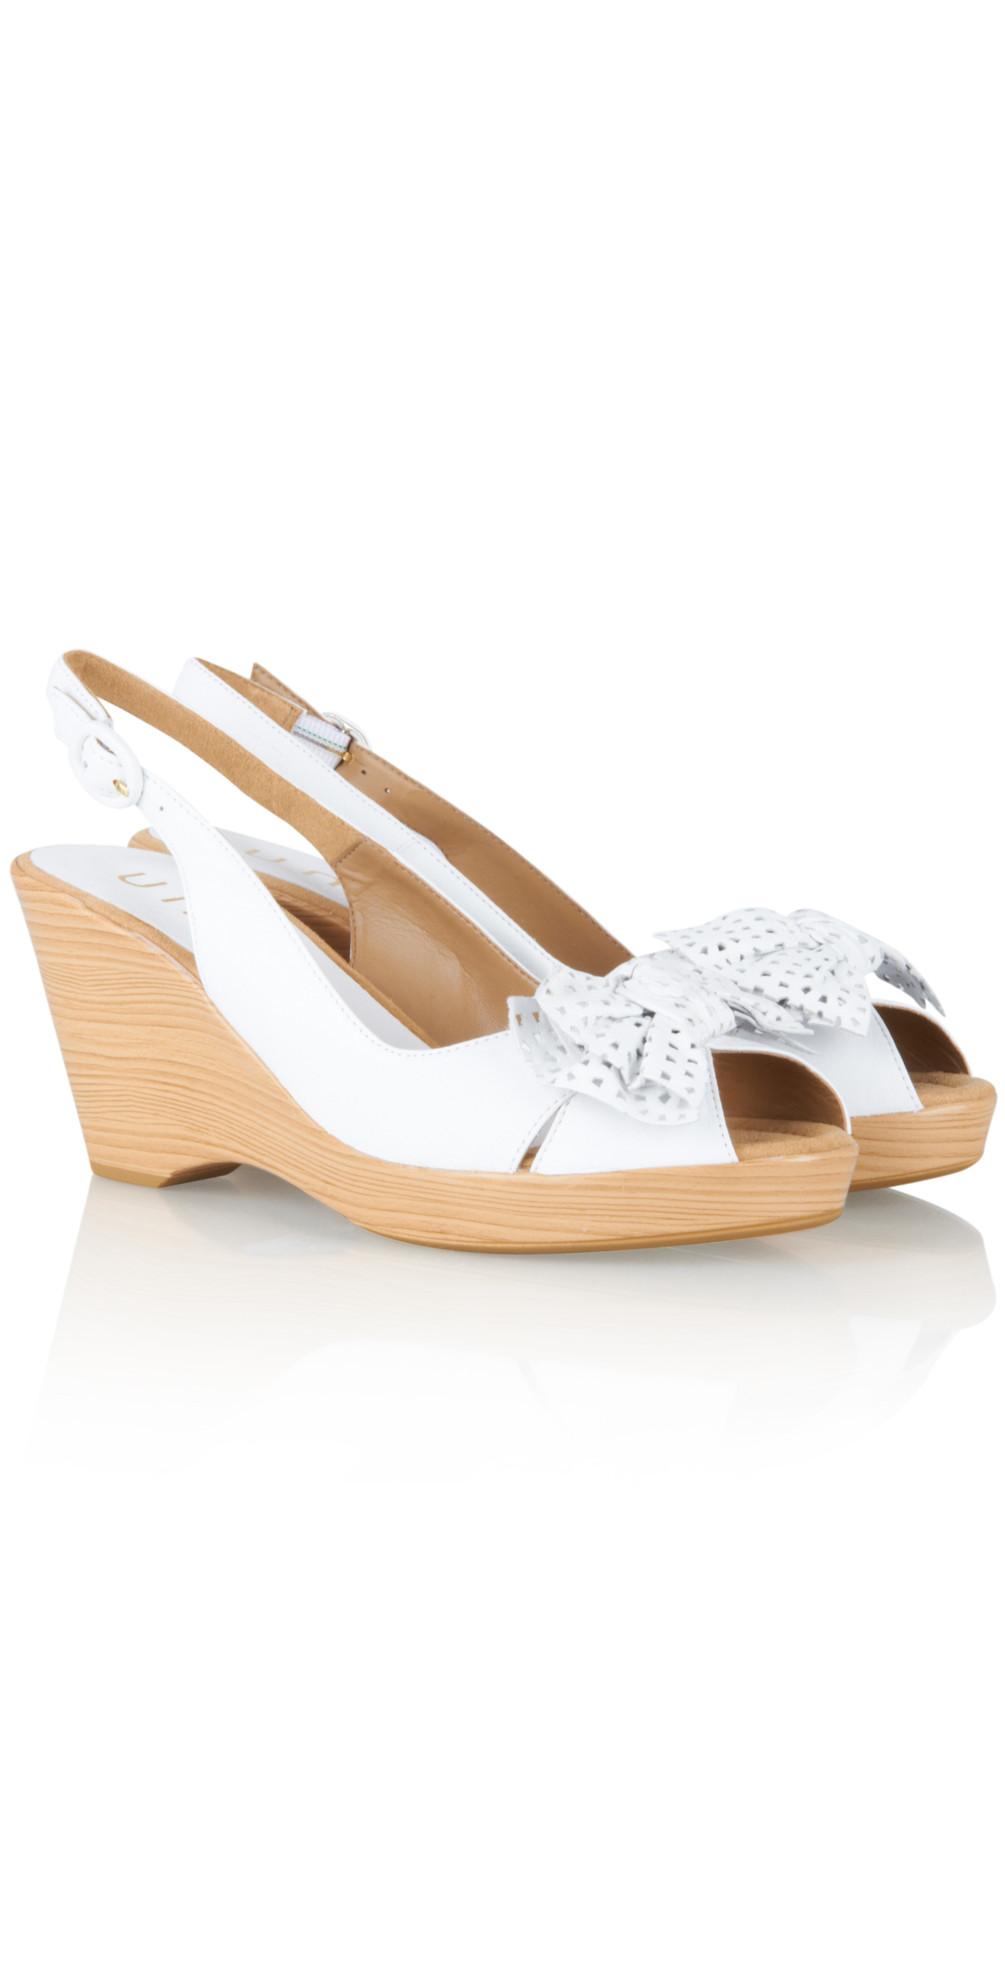 unisa shoes kaimer wedge sandal in white